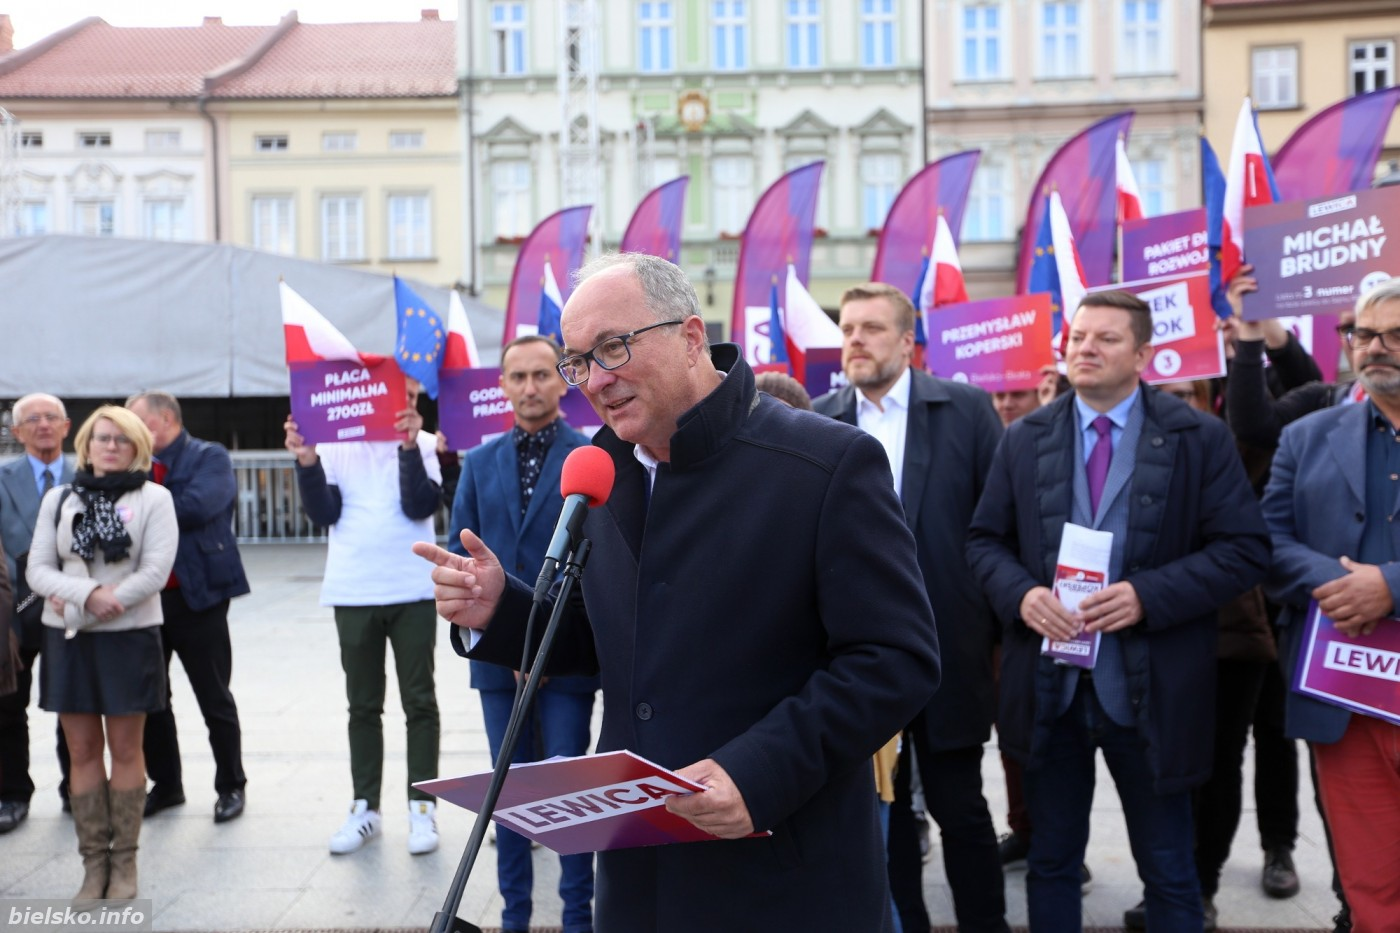 'Koncert życzeń' Trzech Tenorów lewicy na bielskim rynku